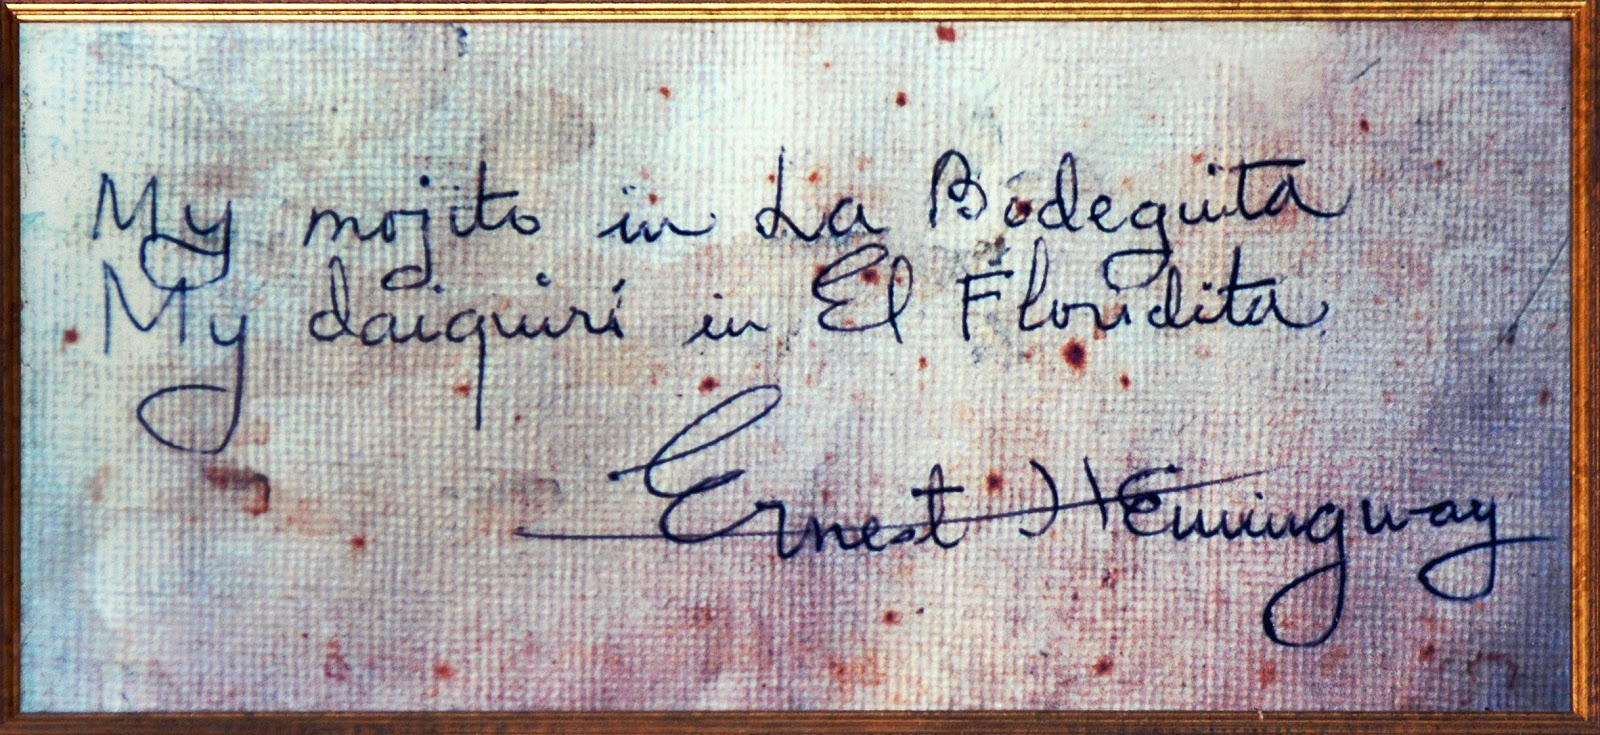 Hemingway's graffito in La Bodeguita del Medio